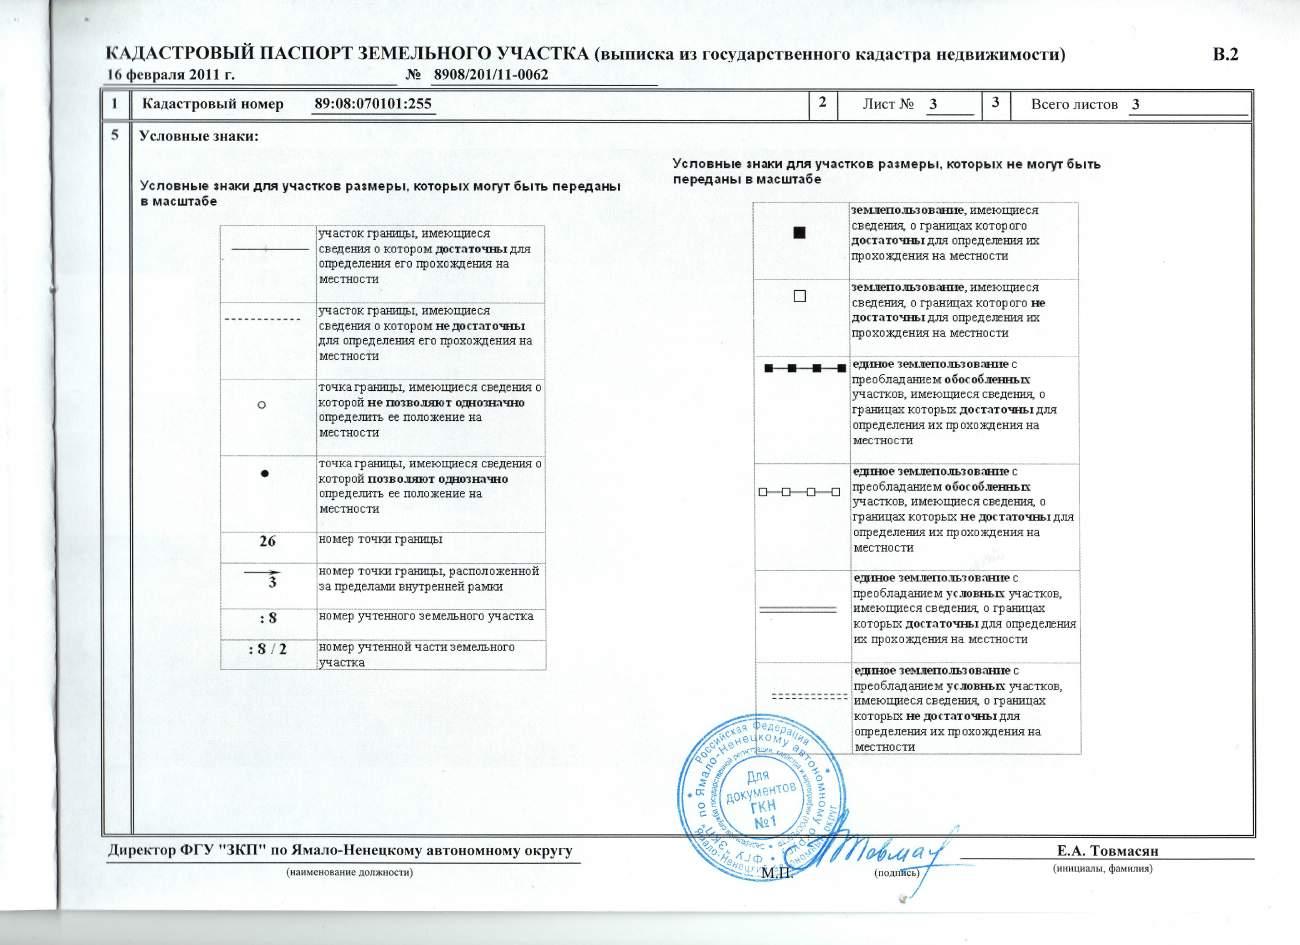 последних Кадастровый паспорт будет ли меняться если ему больше 5 лет Диаспаре